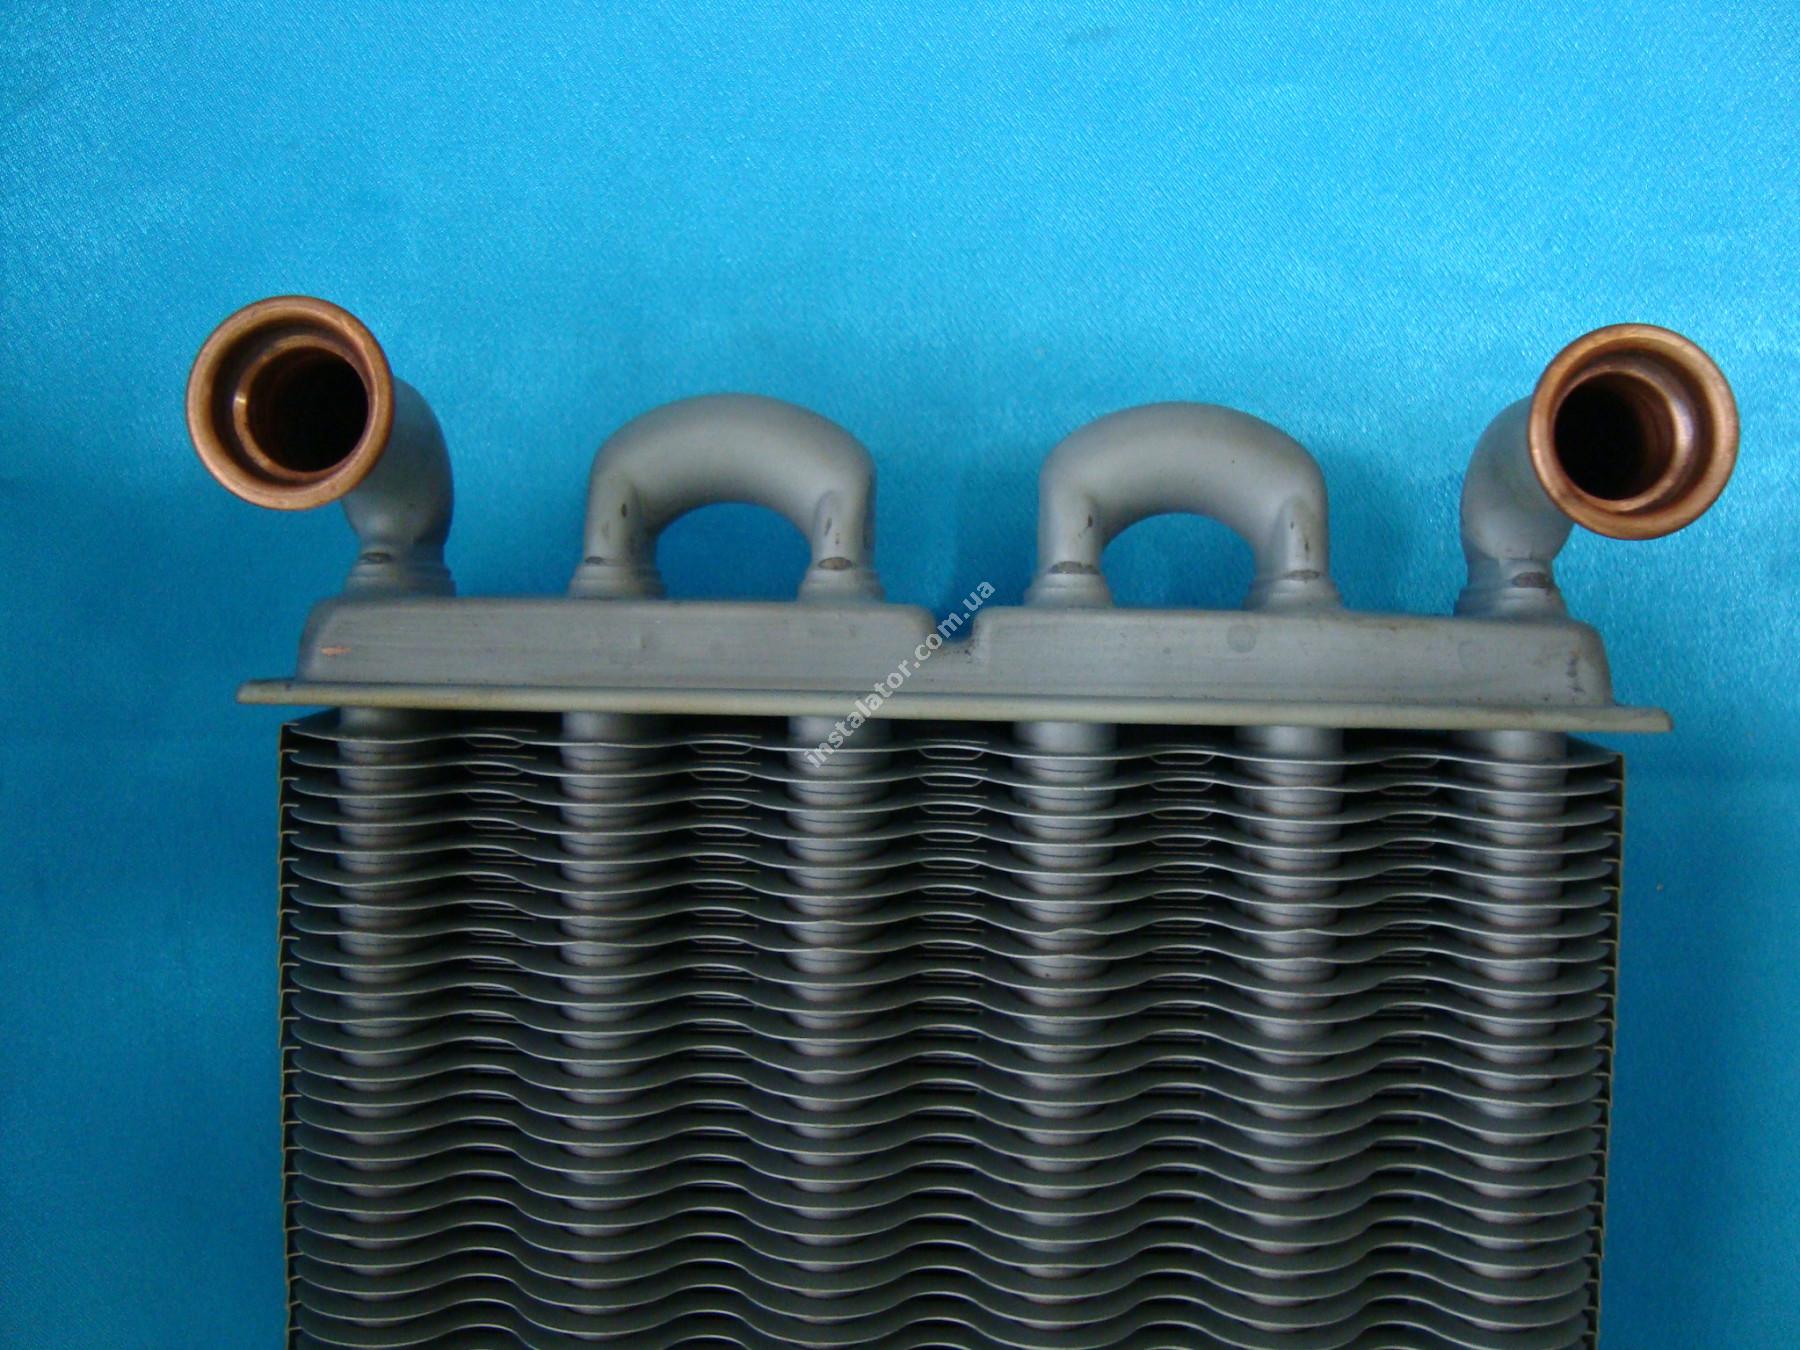 39820060 Теплообмінник бітермічний  FERROLI DOMIPROJECT C24, FerEasy C24 (дим) full-image-1